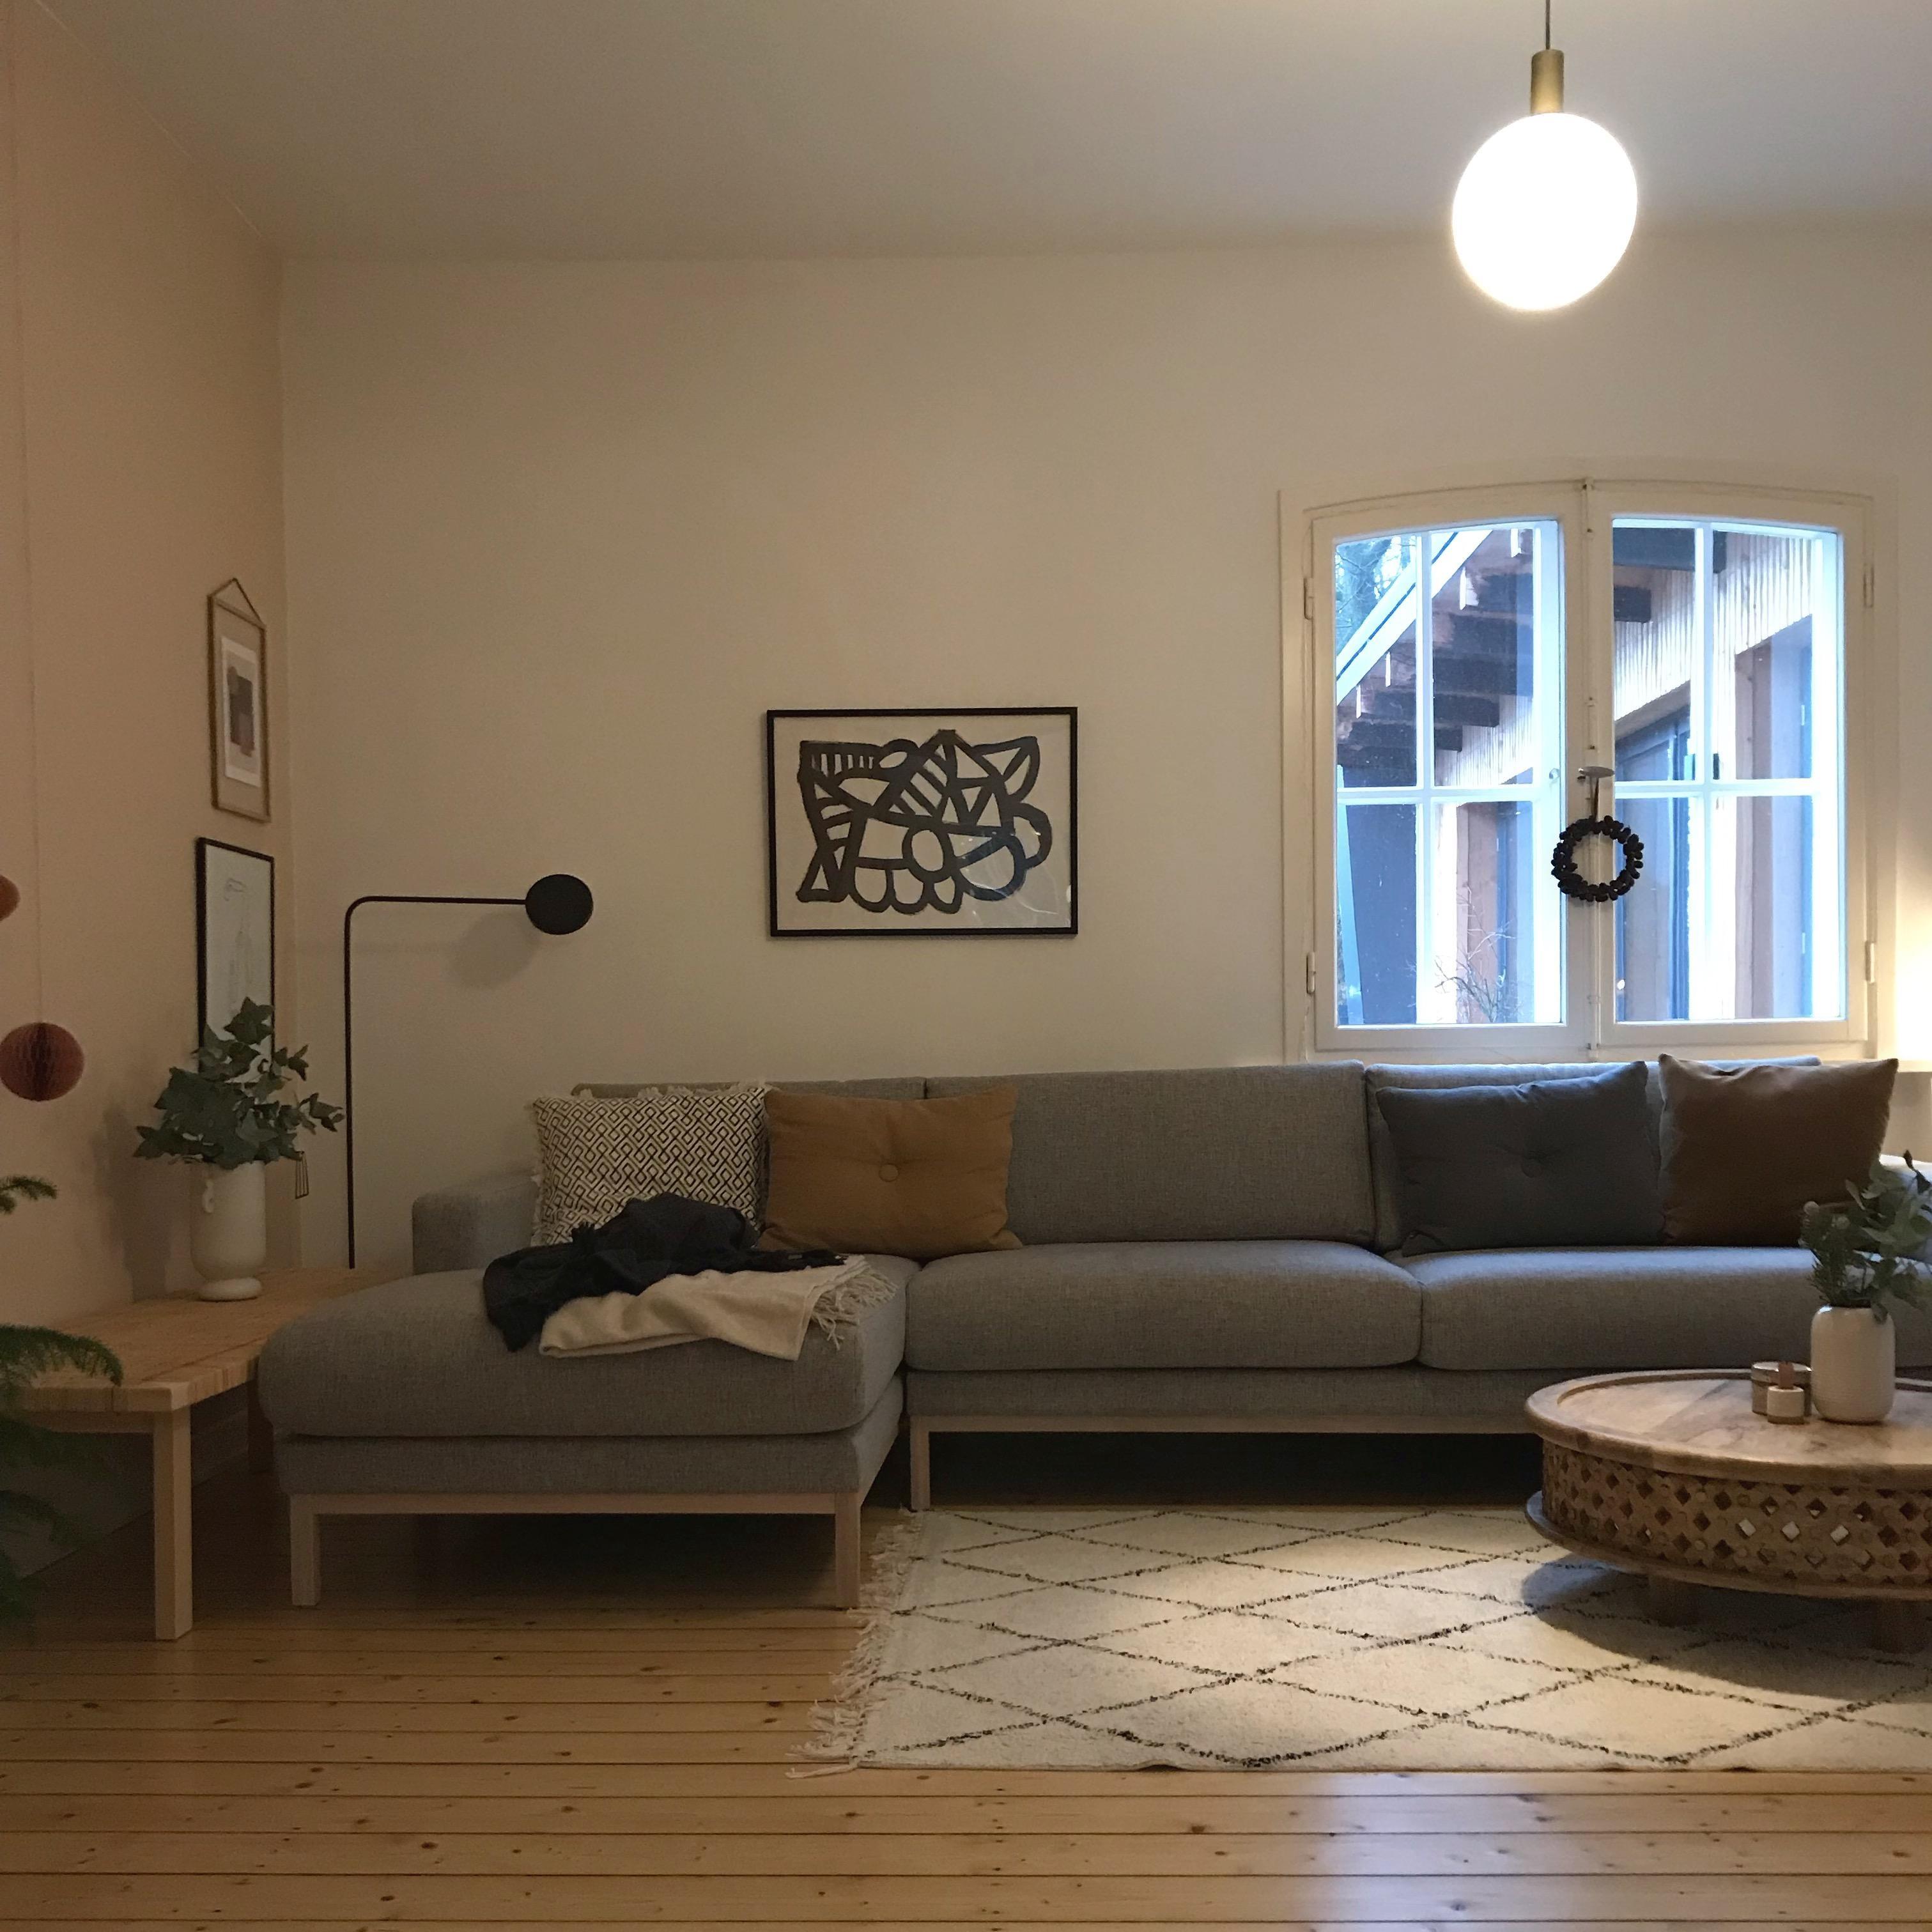 Sofa So Findest Du Die Richtige Couch Fur S Wohnzimmer